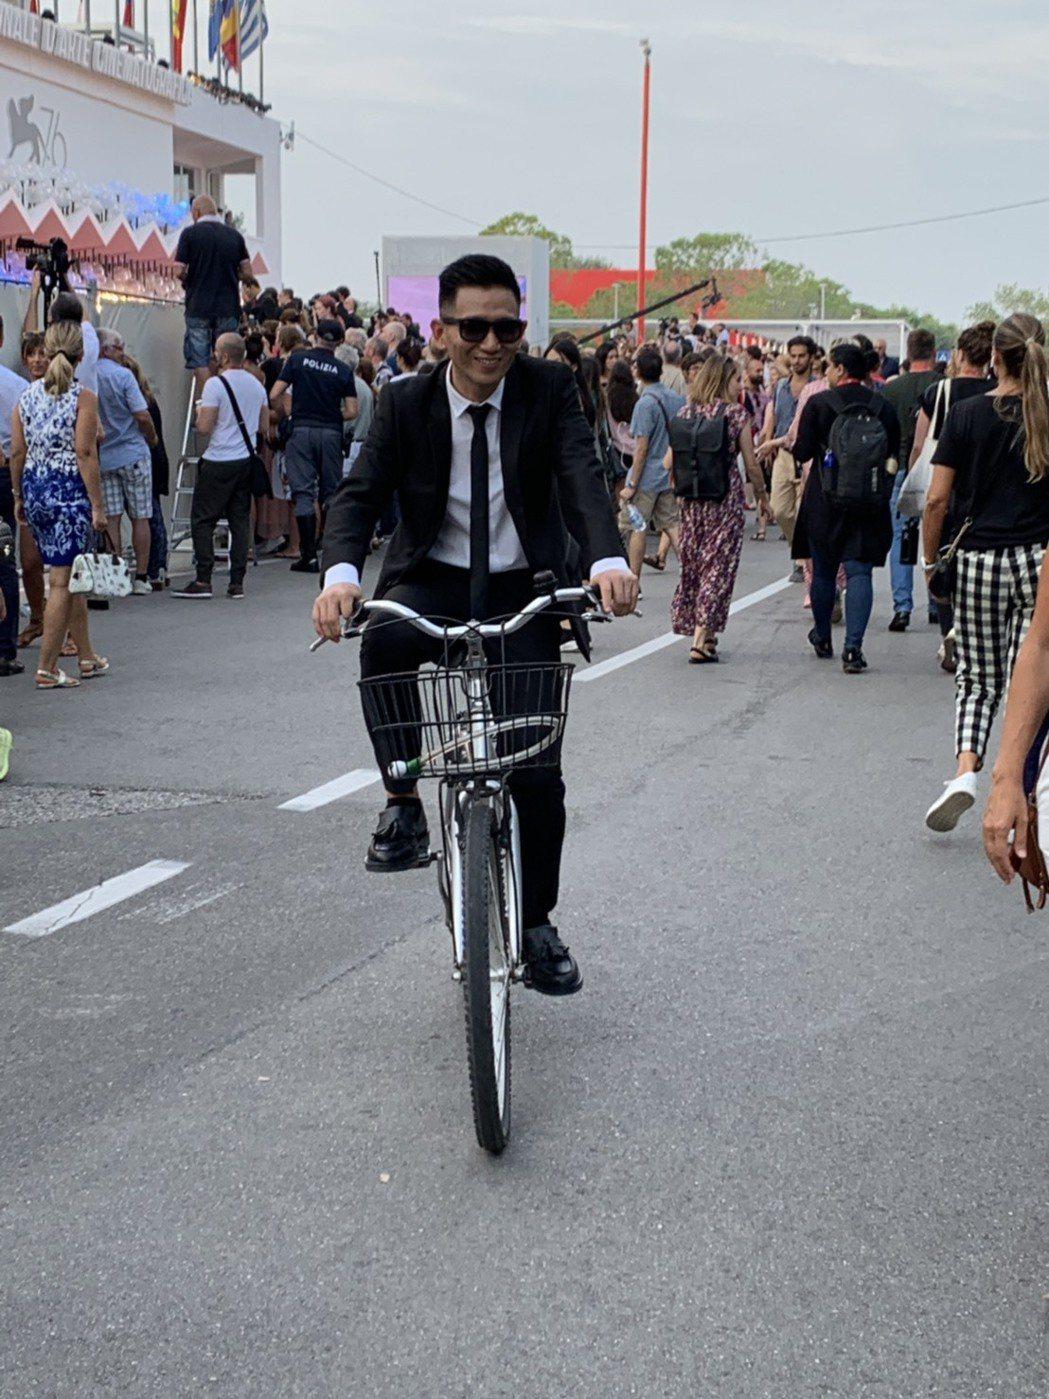 導演趙德胤在威尼斯影展騎腳踏車趕場 。 記者楊起鳳/攝影